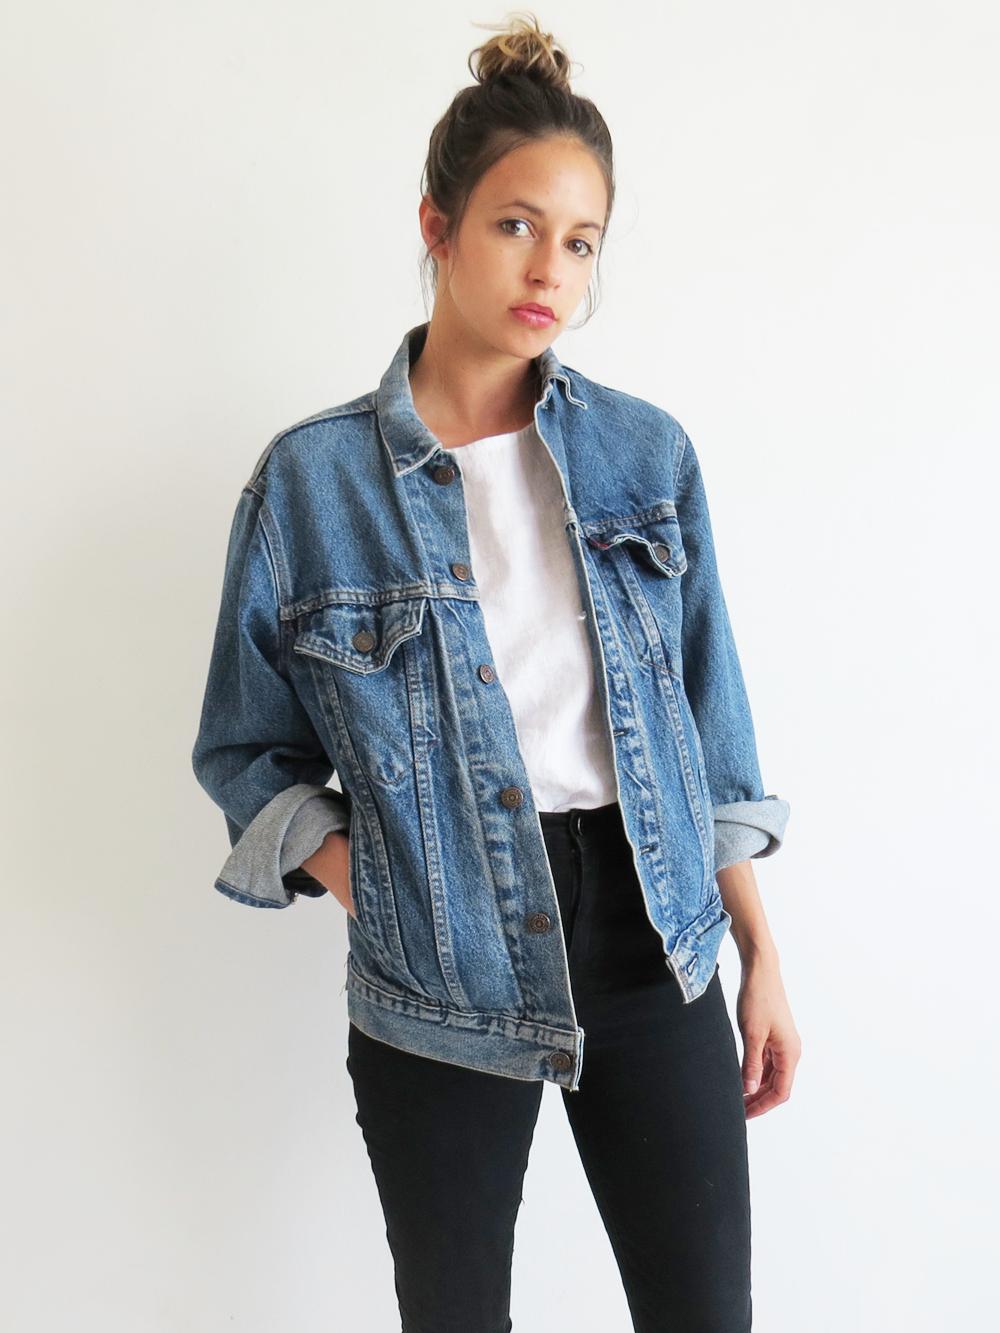 Levis Denim Jacket // Vintage Jean Jacket | A R C H I V E ...